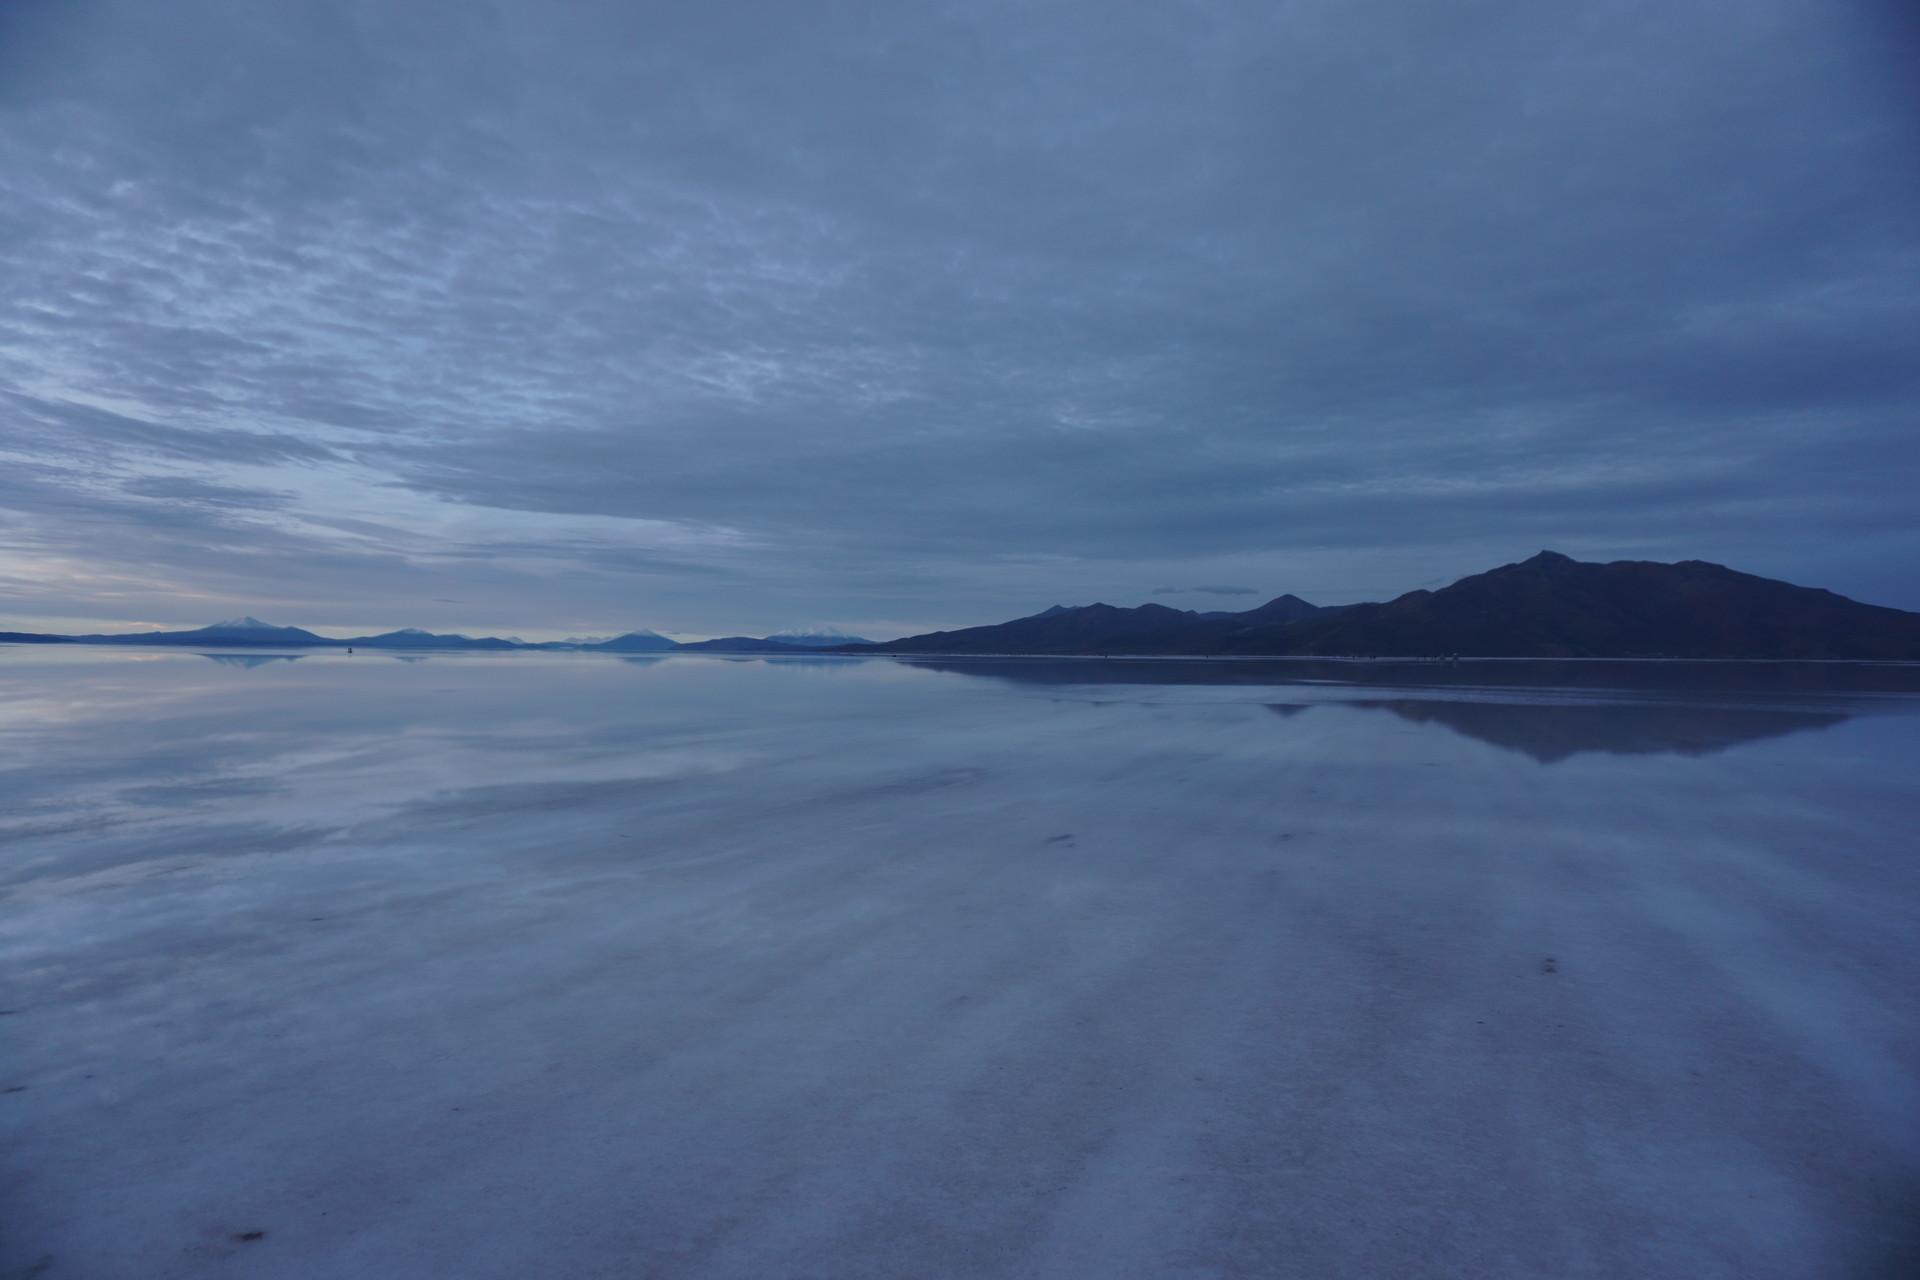 チリ ボリビア ウユニ旅行 2泊3日ツアー サンライズ 山々